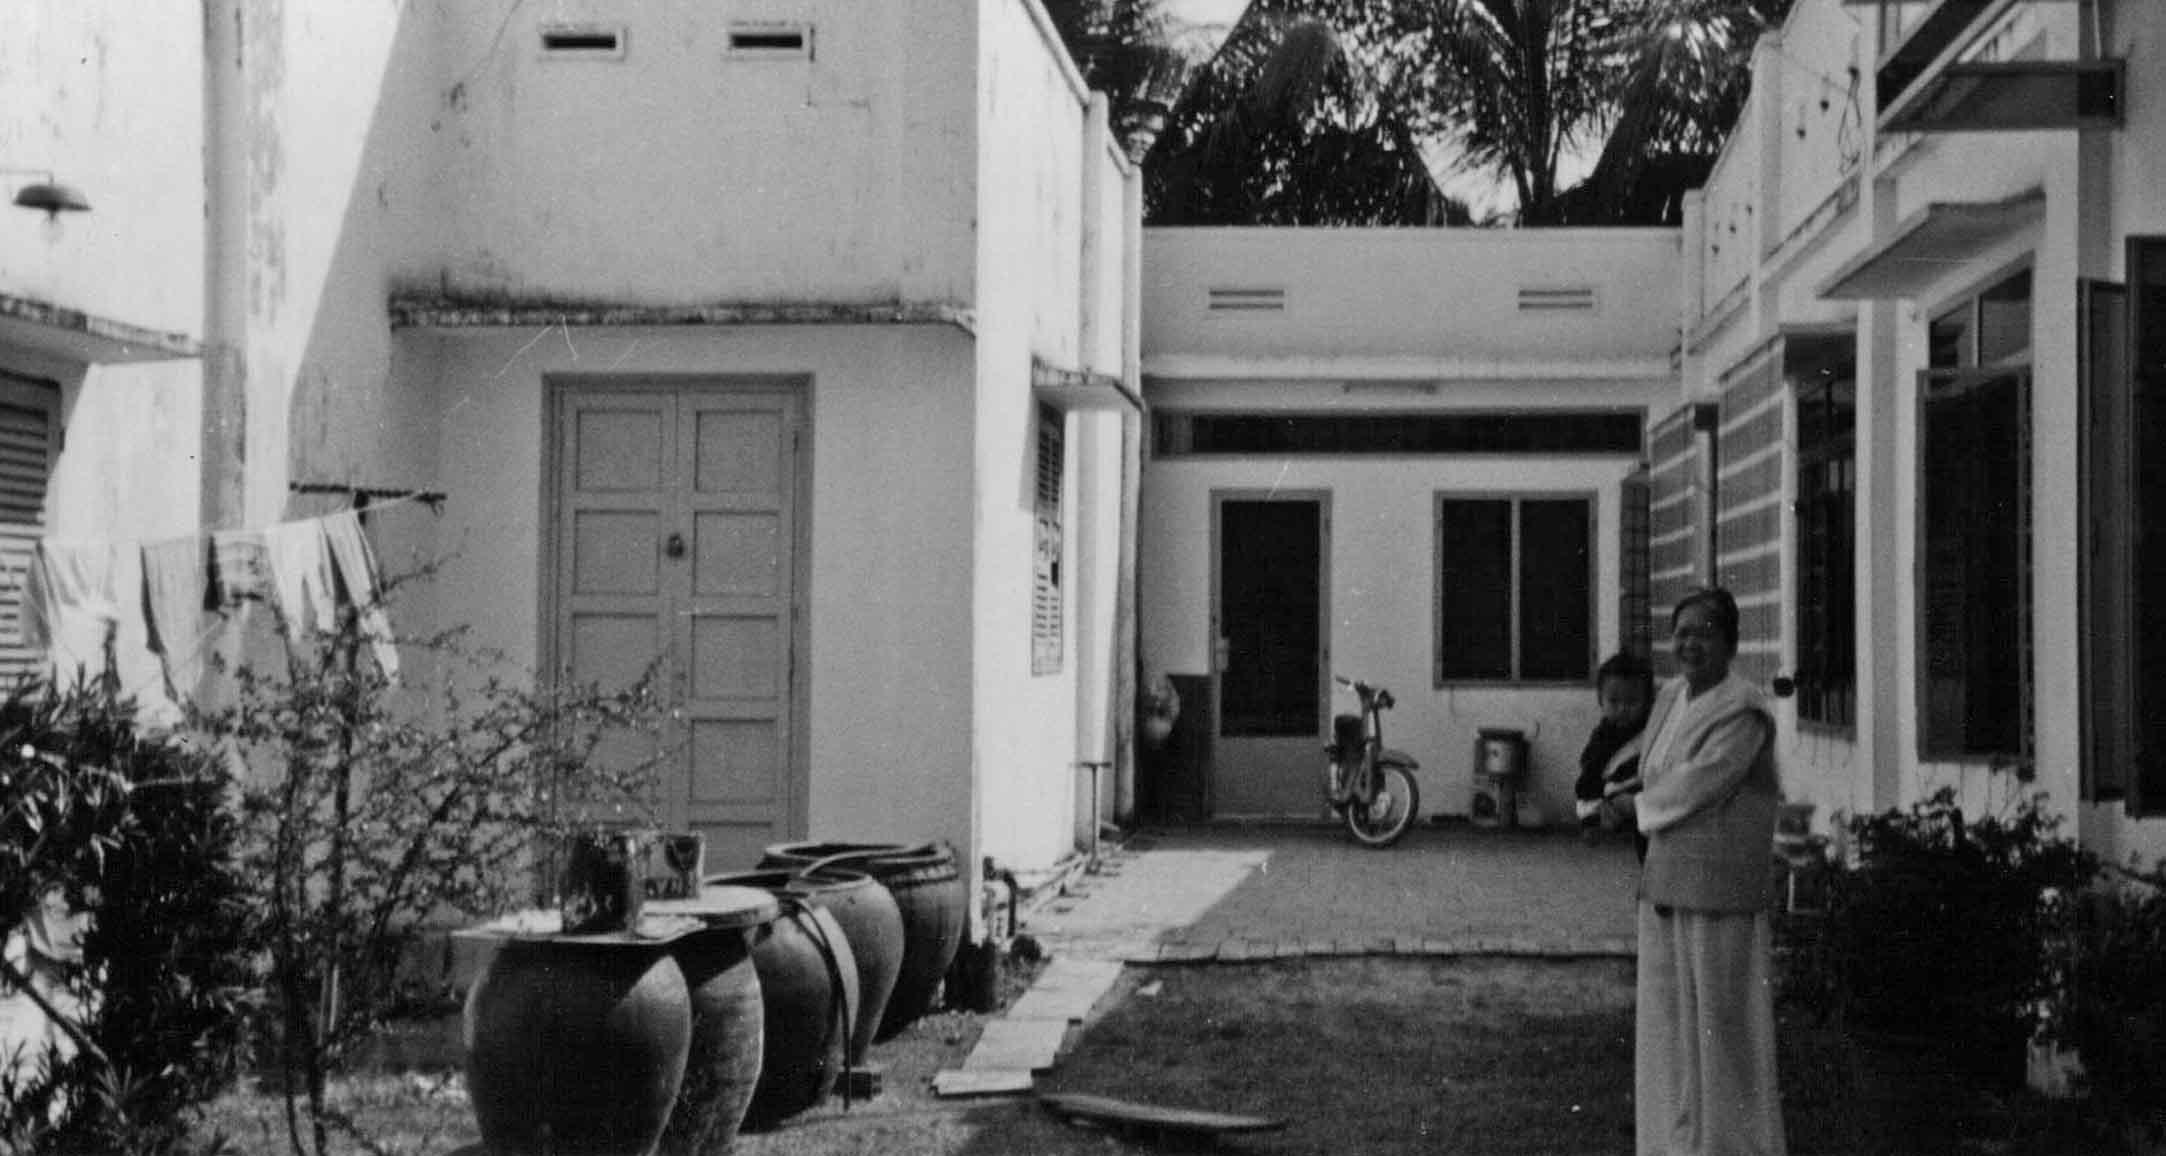 Biên-Hòa, ville du Vietnam, où Hien-Van Nguyen, mon grand-père paternel, a bâti son réseau social d'aide aux soins